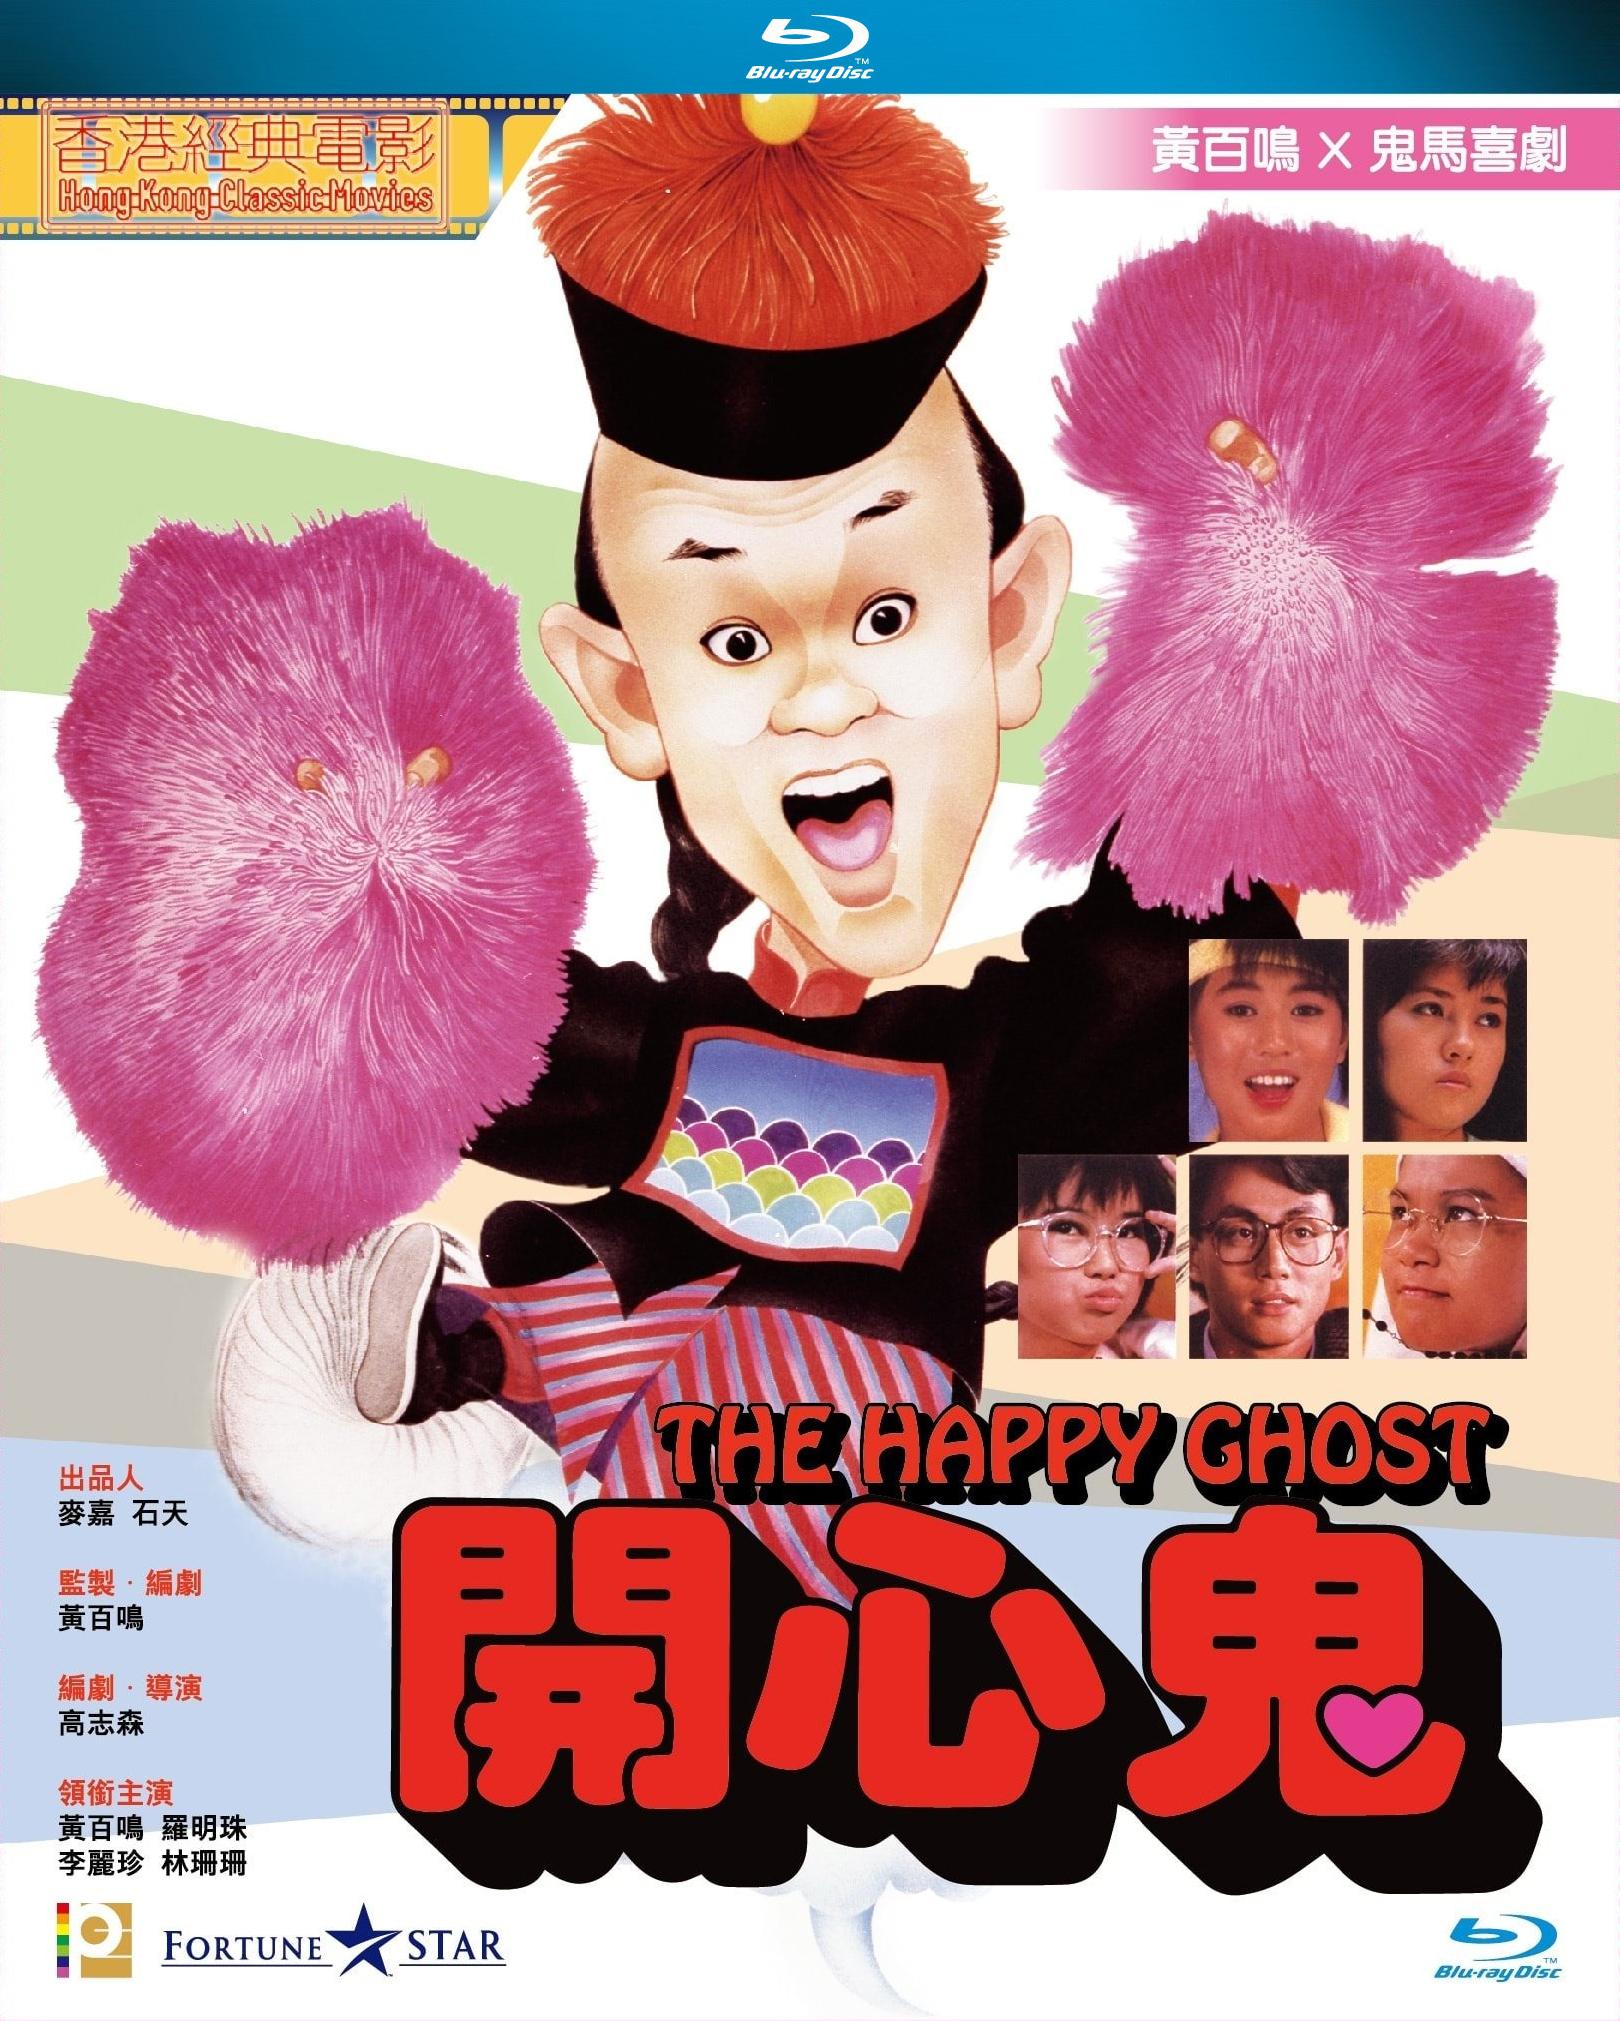 開心鬼 國粵雙語 原盤繁簡英SUP字幕 The Happy Ghost 1984 BluRay 1080p 2Audio TrueHD 5.1 x265.10bit-BeiTai